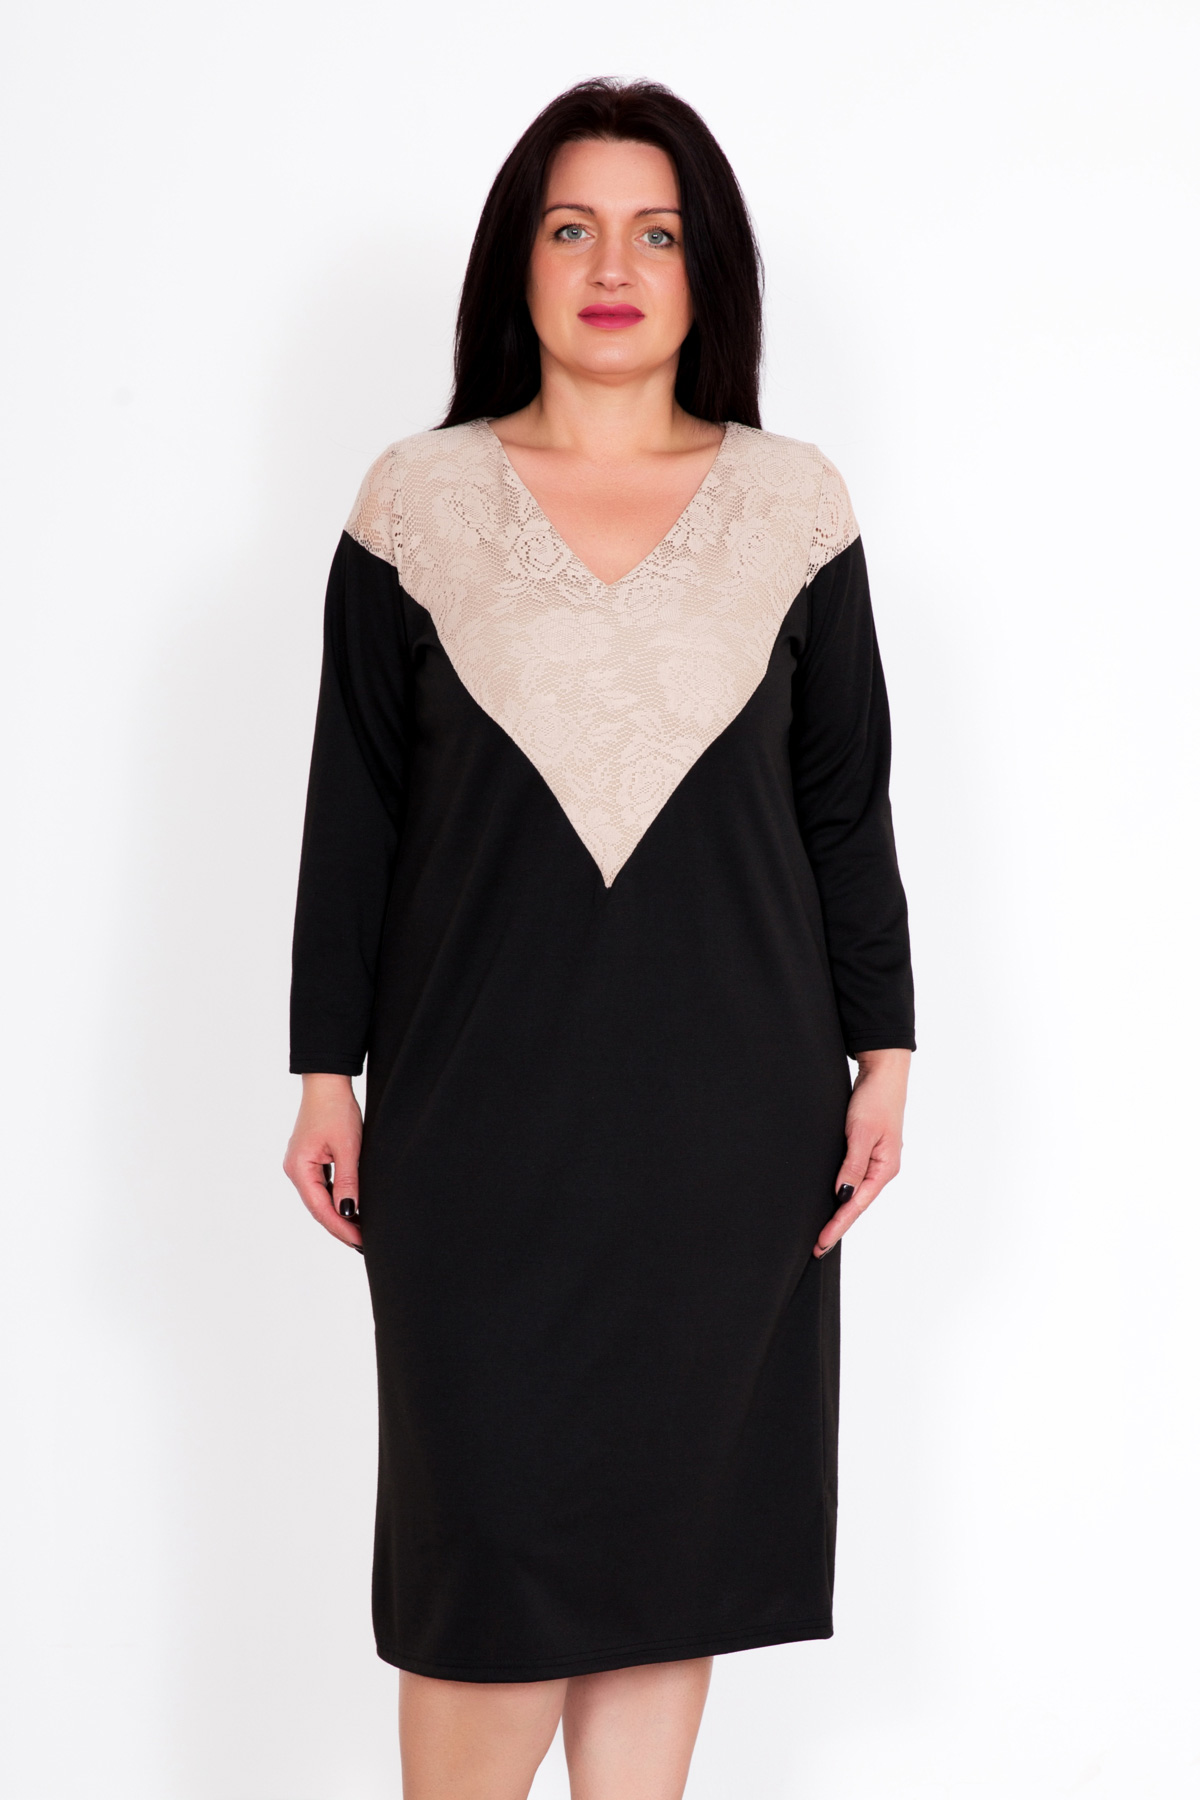 Жен. платье Мона р. 62Платья<br>Обхват груди: 124 см <br>Обхват талии: 105 см <br>Обхват бедер: 132 см <br>Длина по спинке: 105 см <br>Рост: 167 см<br><br>Тип: Жен. платье<br>Размер: 62<br>Материал: Милано